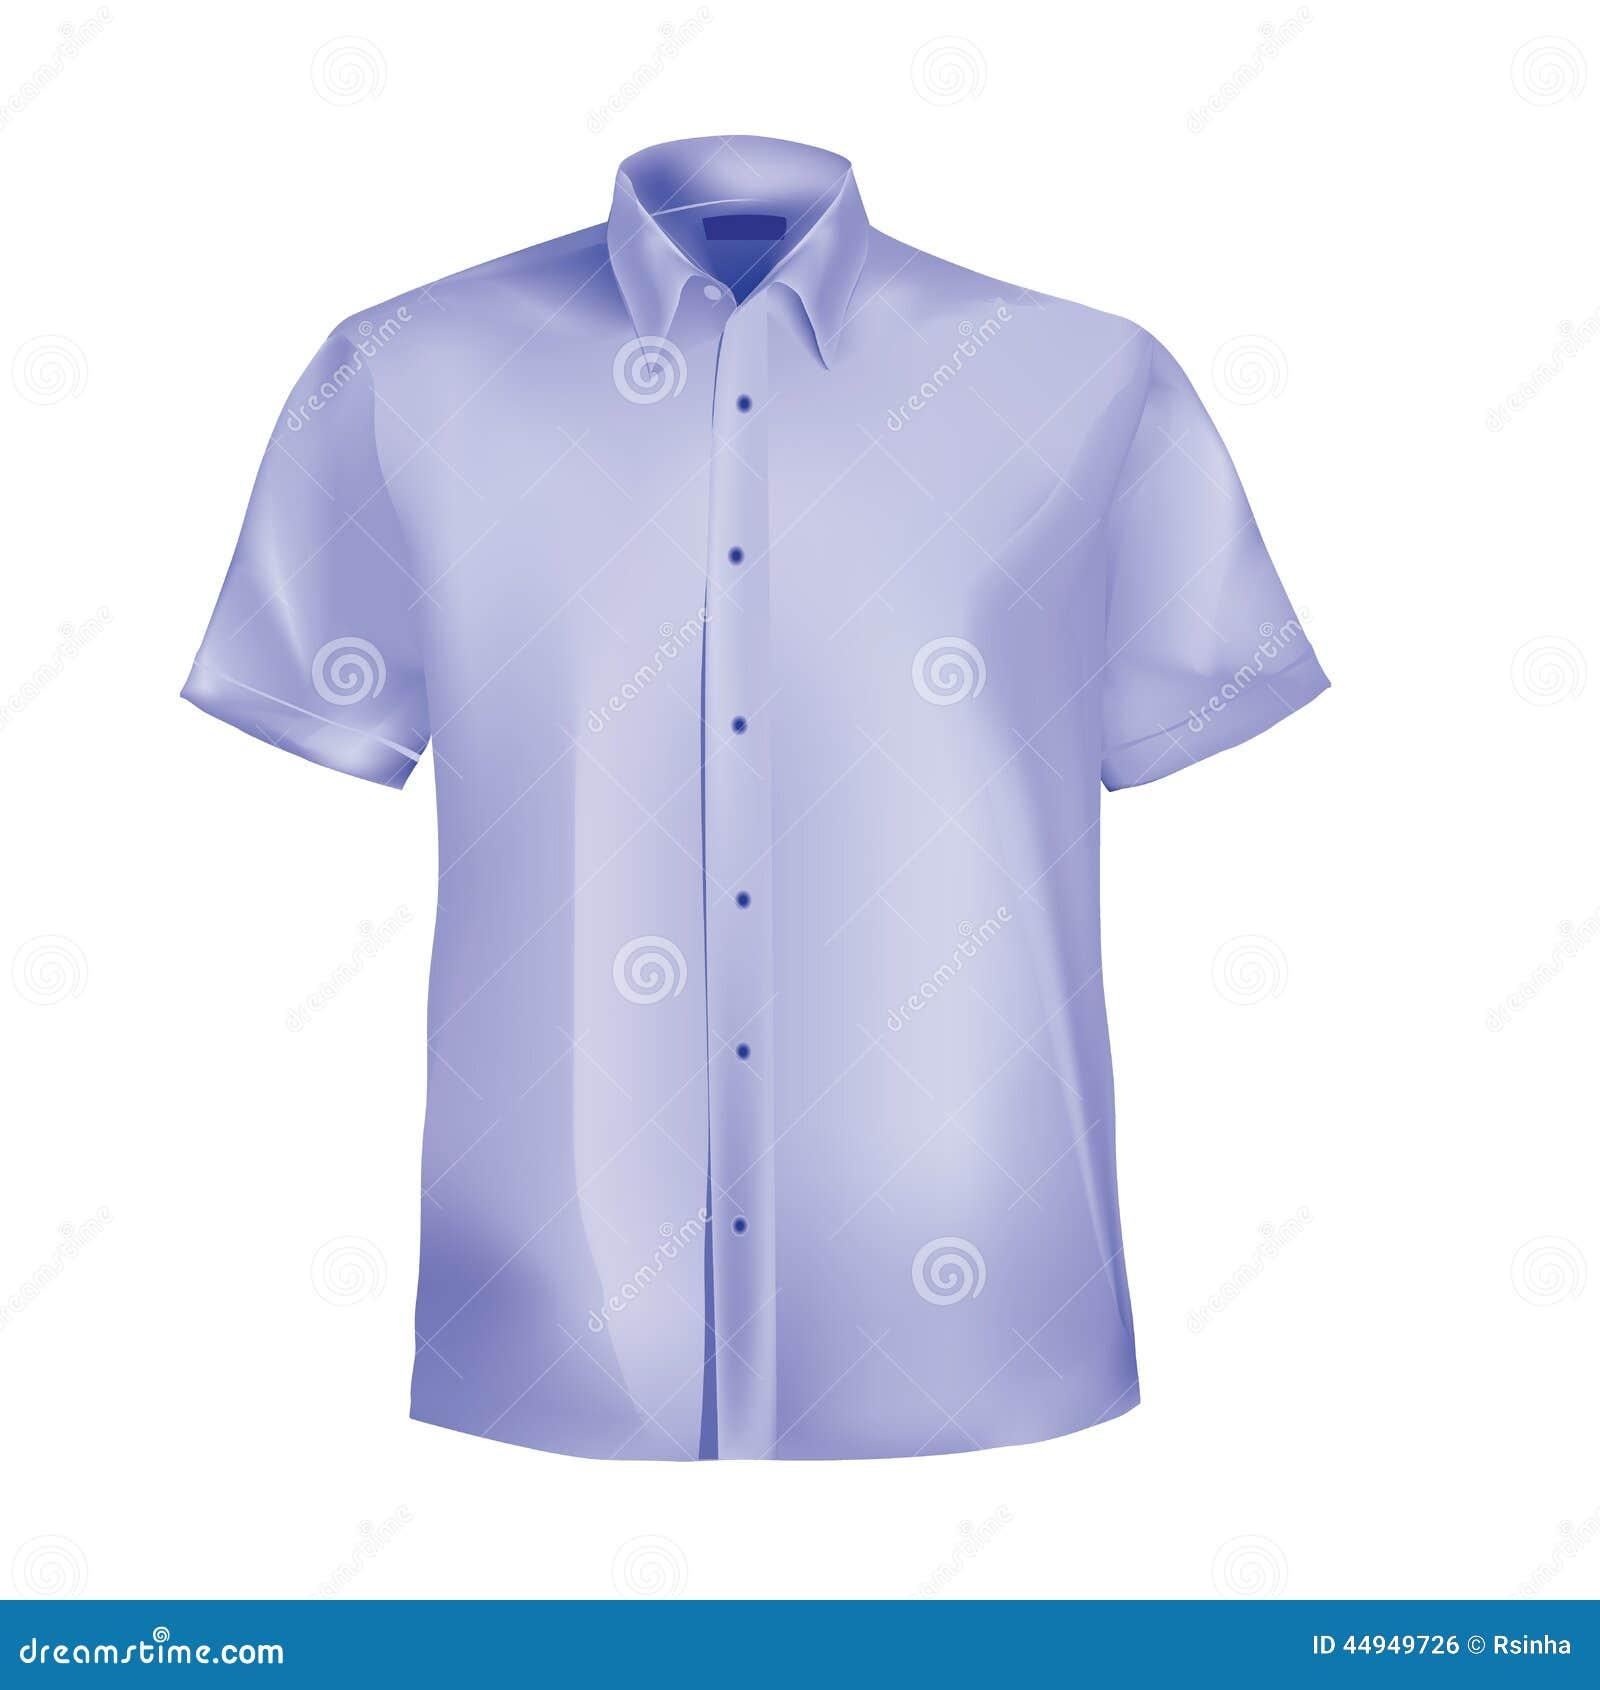 下来按钮衣领正式衬衣图片